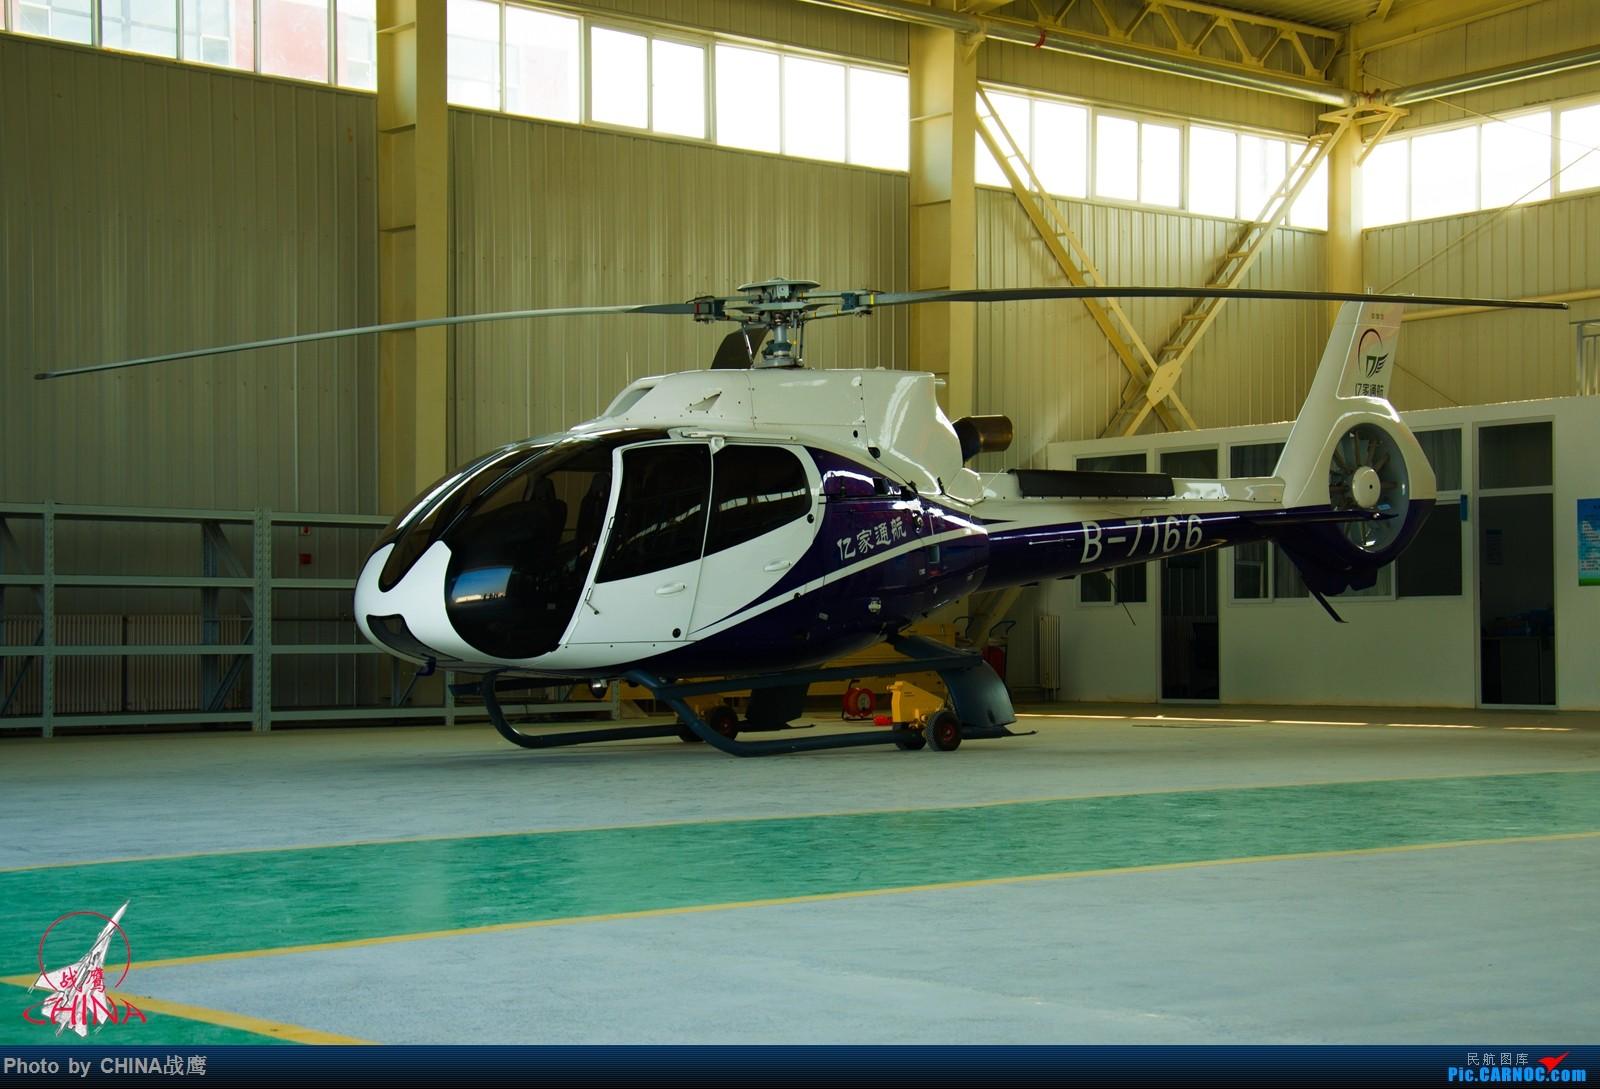 Re:[原创]【SHE】第三季度桃仙拍飞机集锦 EUROCOPTER EC130T2 B-7166 沈阳财湖机场